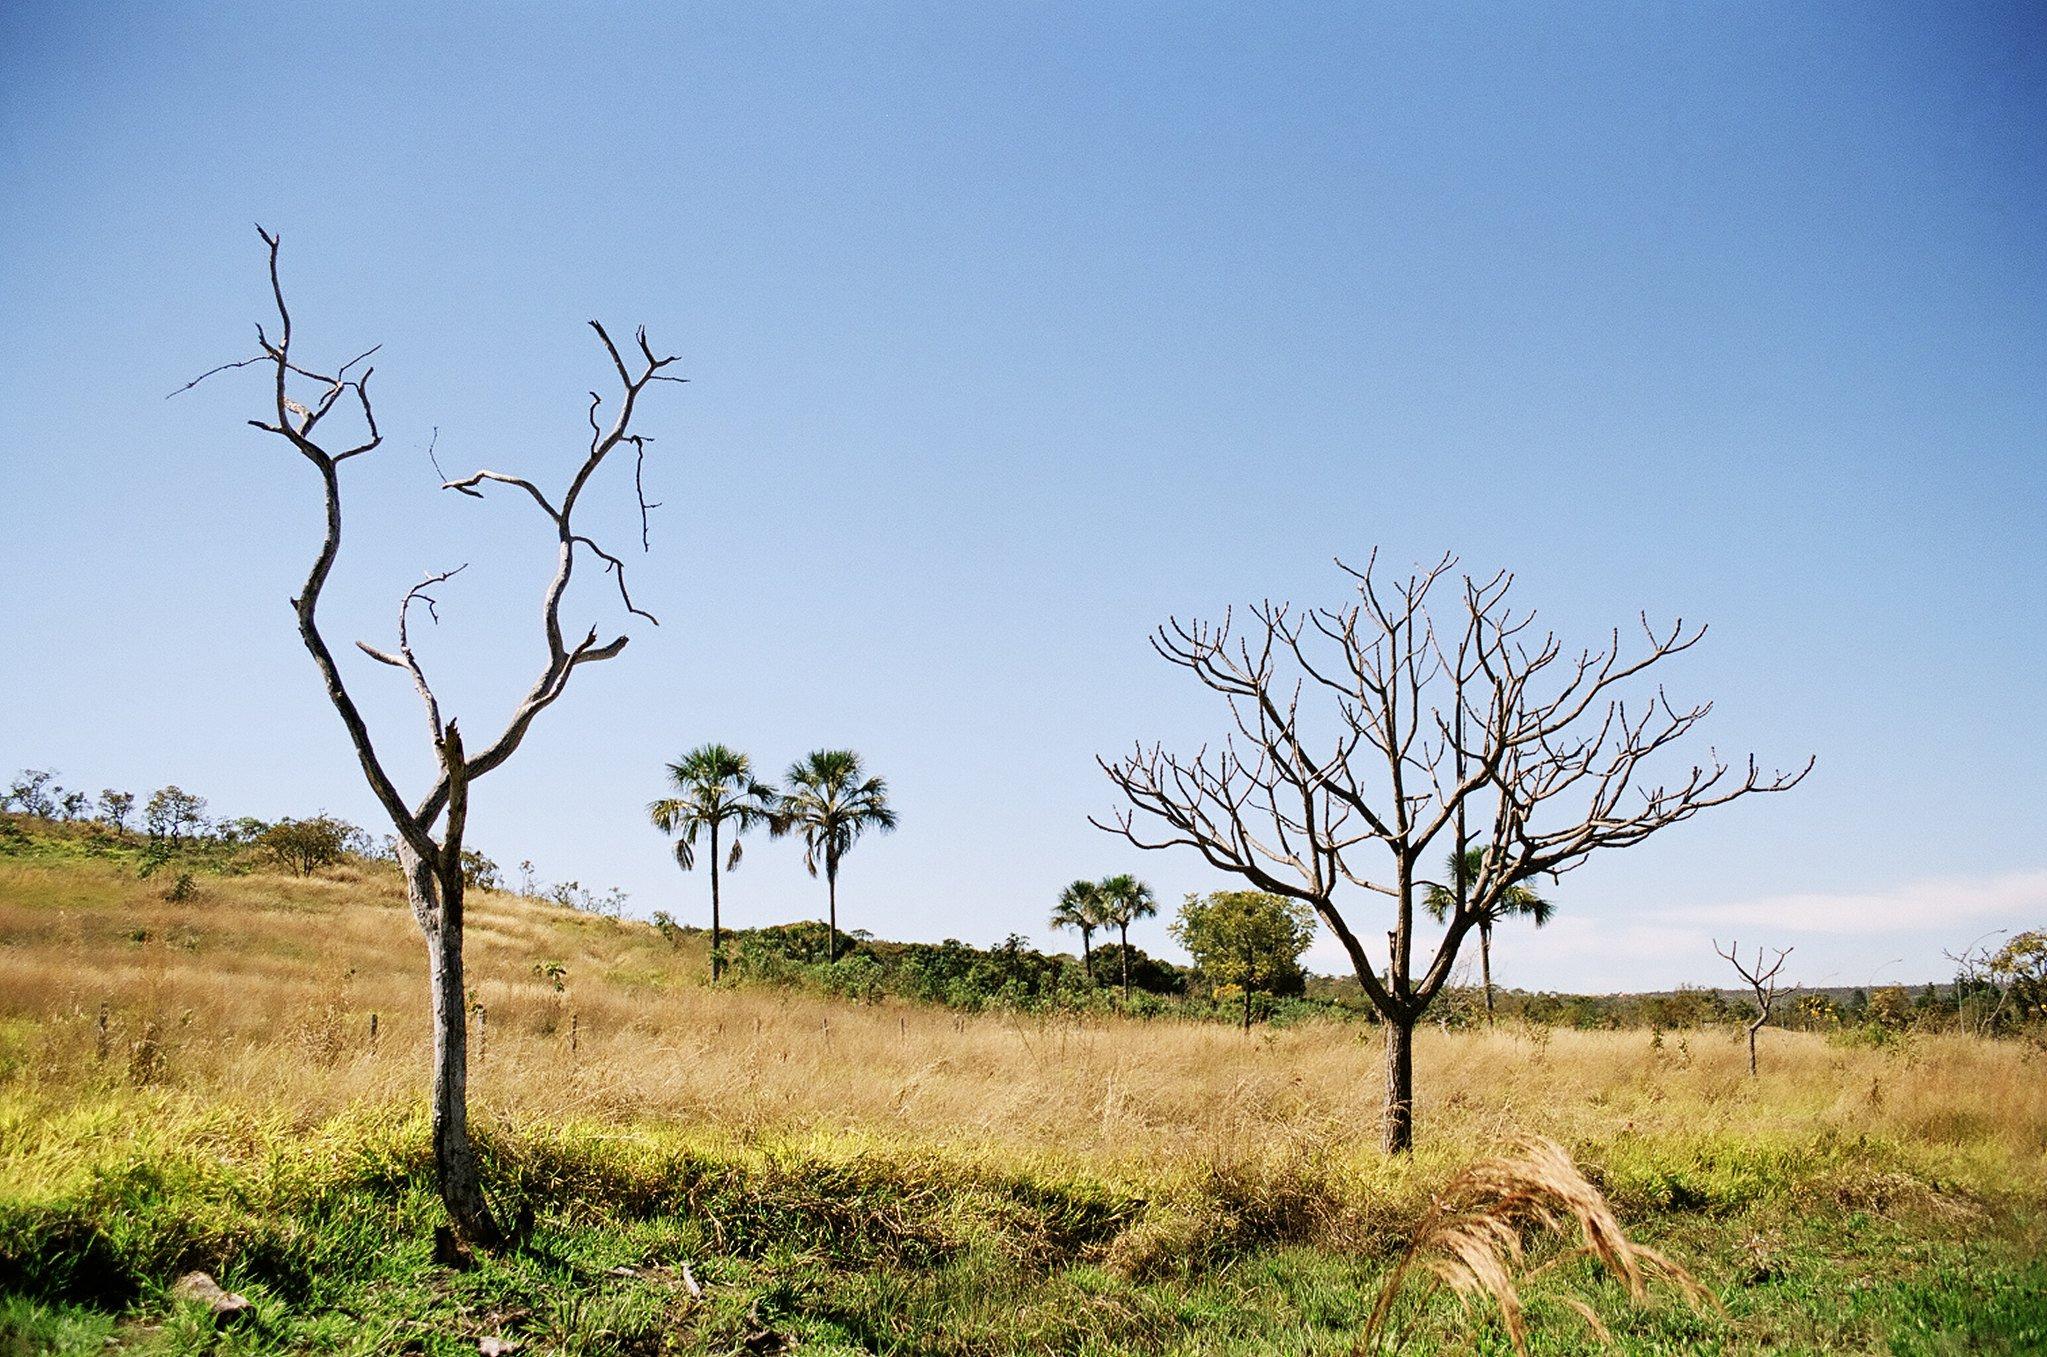 Cerrado grasslands in Brazil